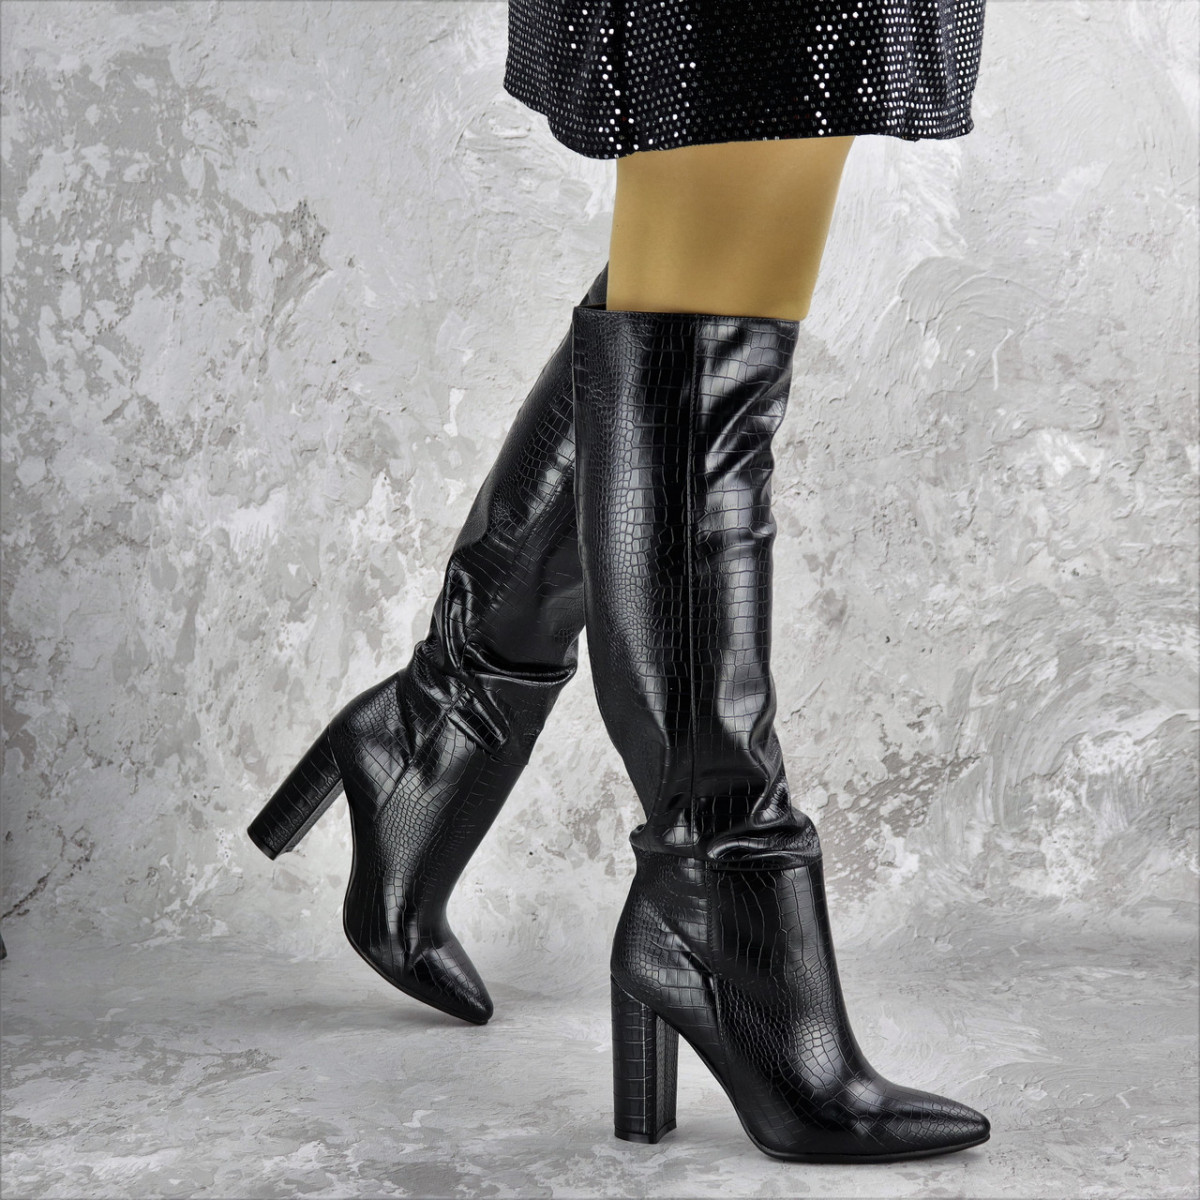 Сапоги женские черные Sarge 2185 (35 размер)